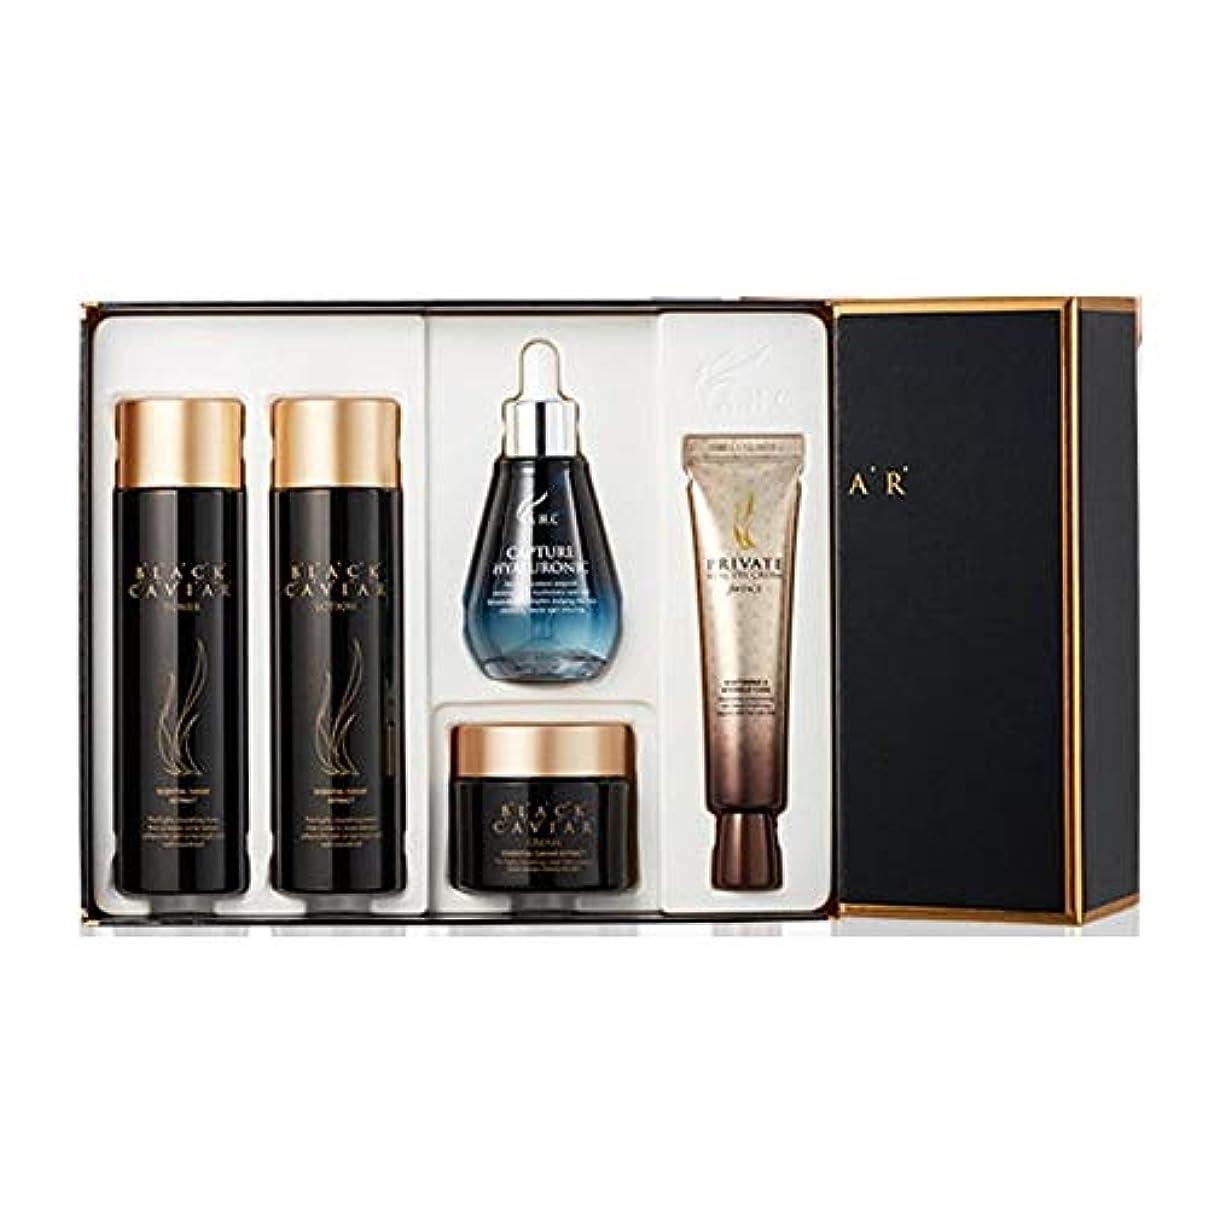 細分化する樹木インデックスAHCブラックキャビアスキンケアセットトナーローションクリームアイクリームアンプル、AHC Black Caviar Skincare Set Toner Lotion Cream Eye Cream Ampoule [並行輸入品]